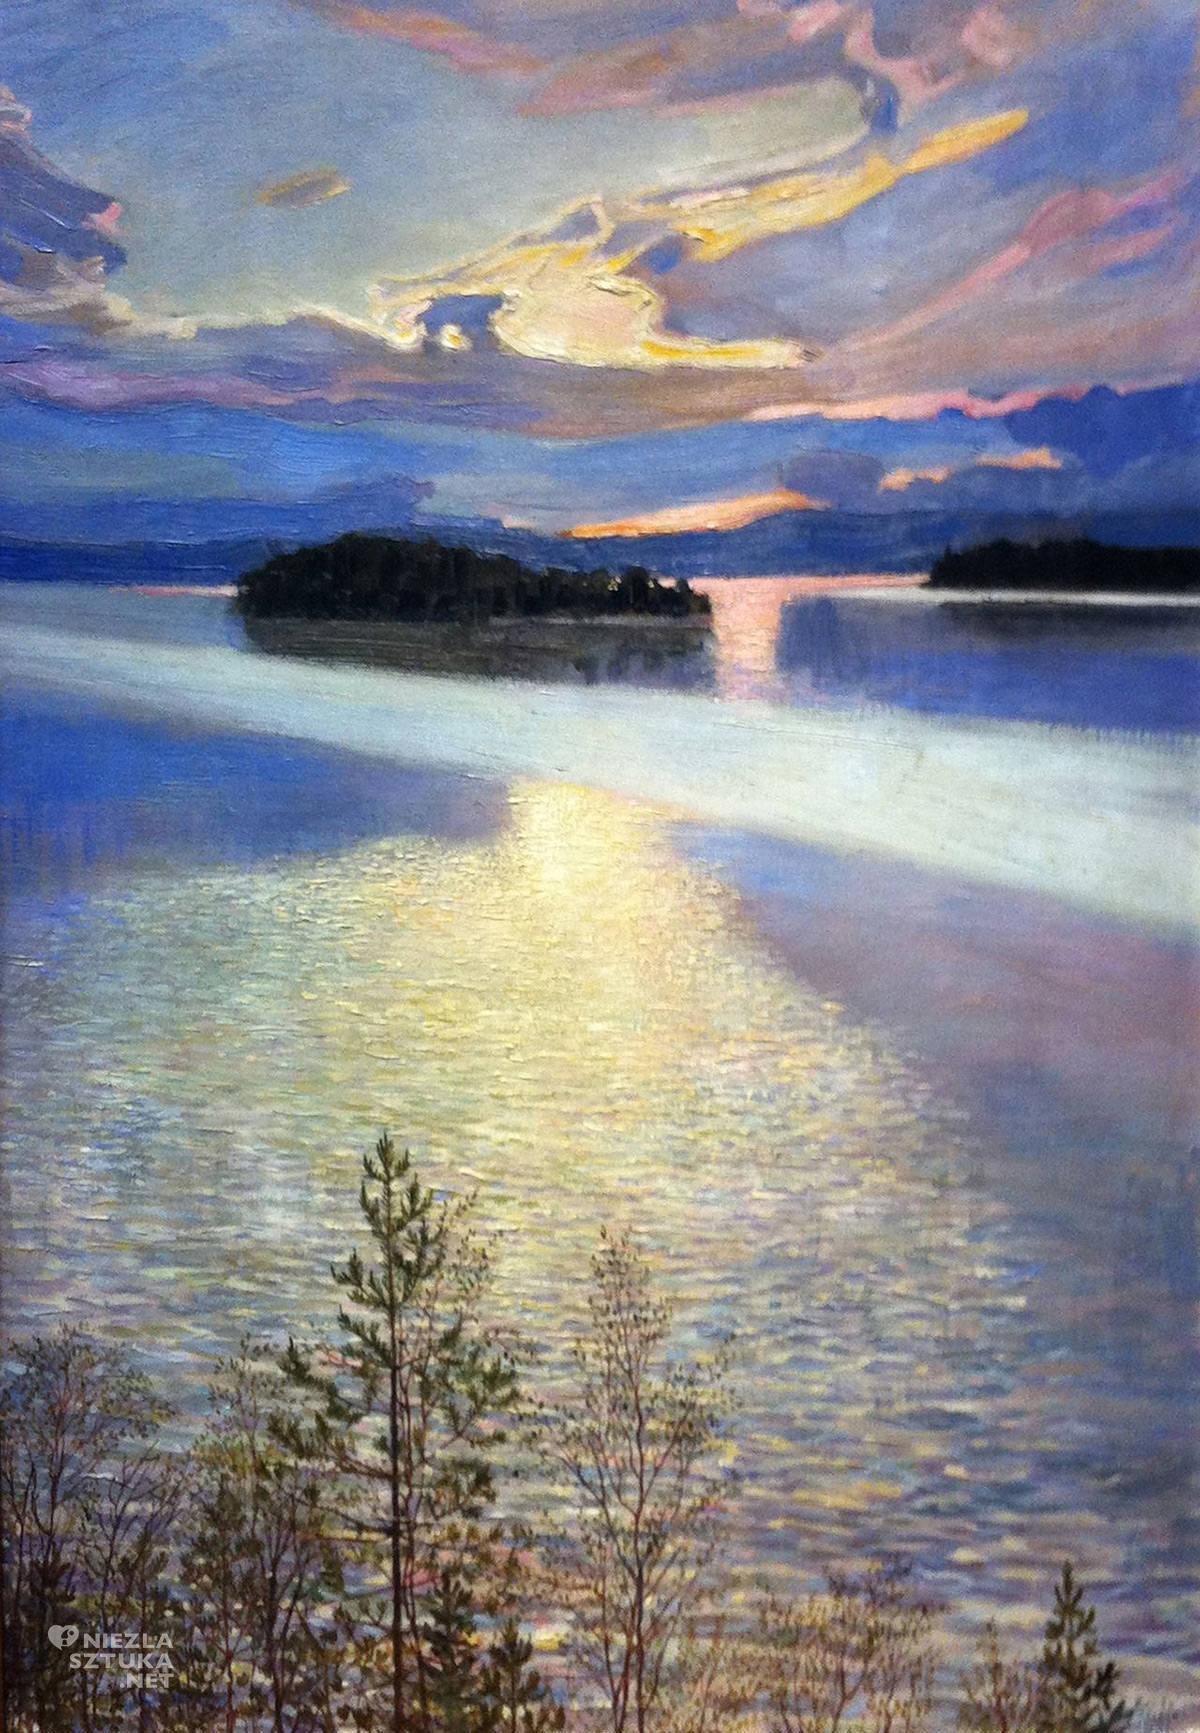 Akseli Gallen-Kallela, Widok jeziora, sztuka fińska, sztuka europejska, malarstwo, Niezła Sztuka